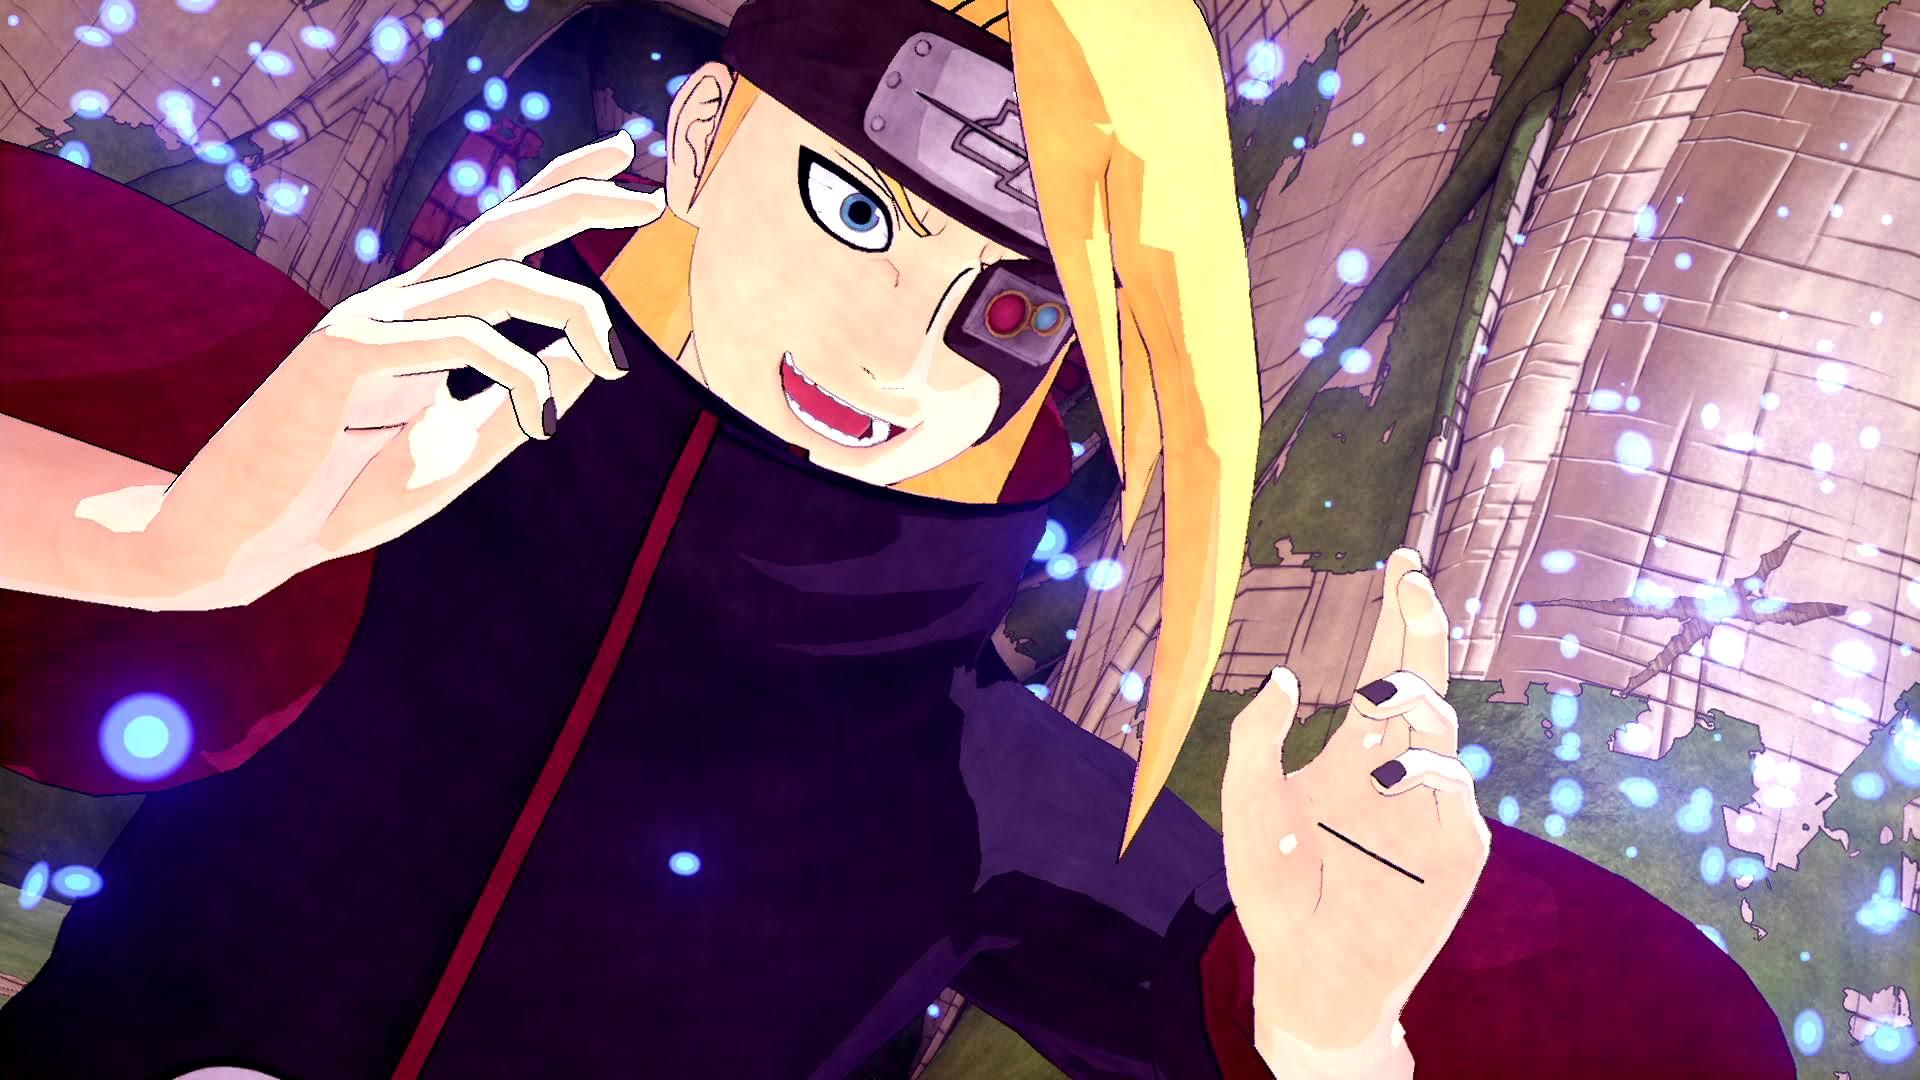 Naruto To Boruto Shinboi Release Date